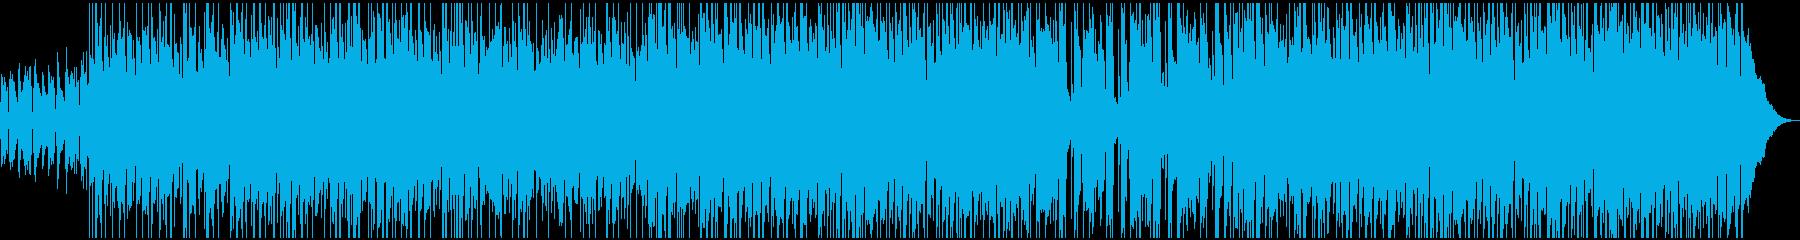 爽やかなアコギポップ(バンド編成)の再生済みの波形